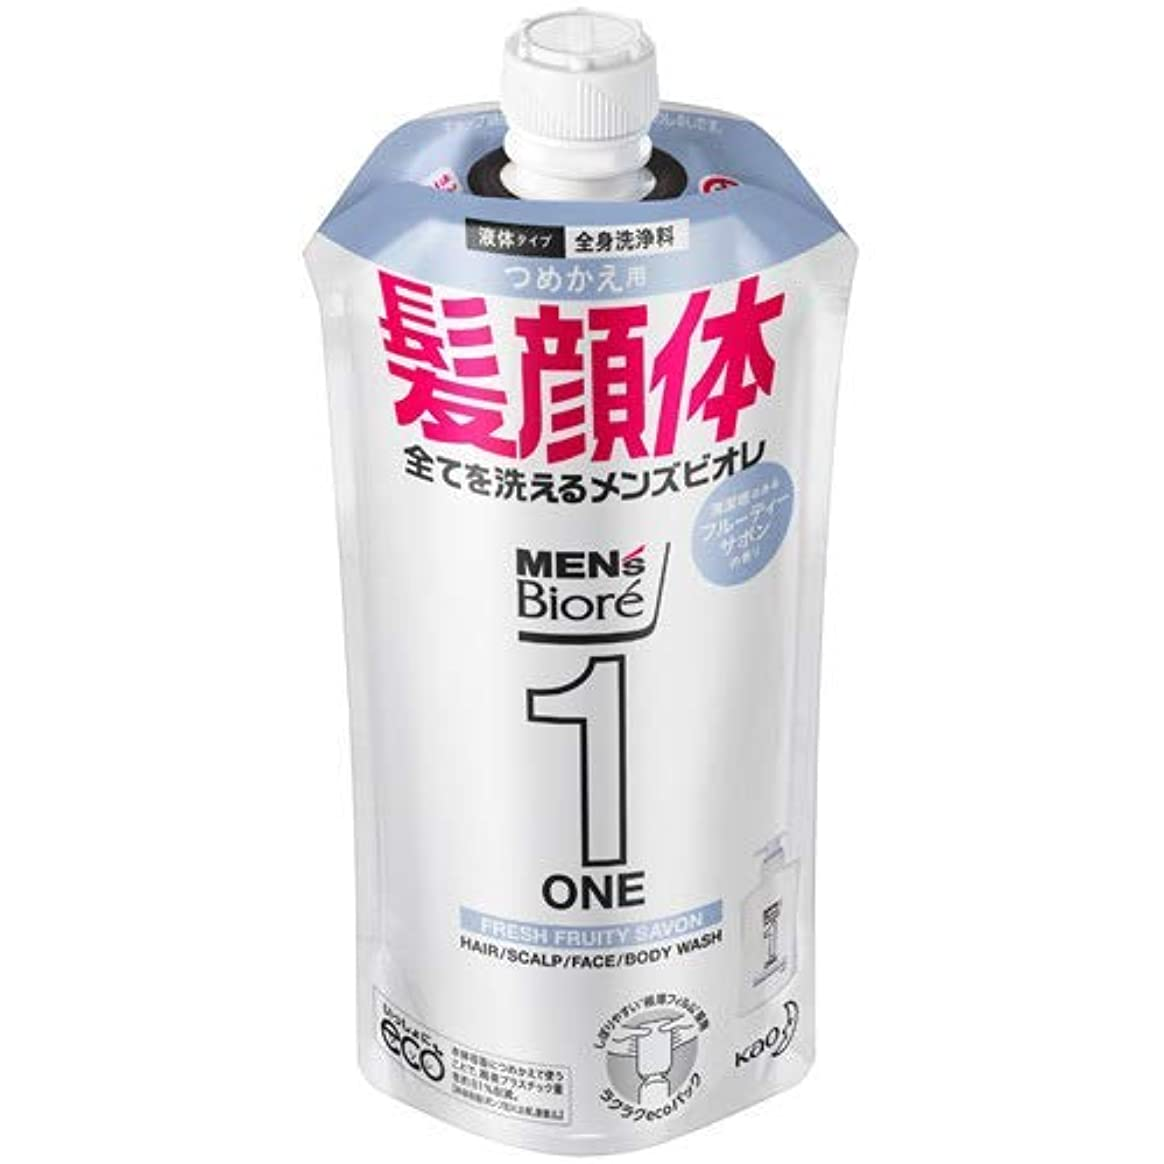 汗重要性パラナ川【10個セット】メンズビオレONE オールインワン全身洗浄料 清潔感のあるフルーティーサボンの香り つめかえ用 340mL